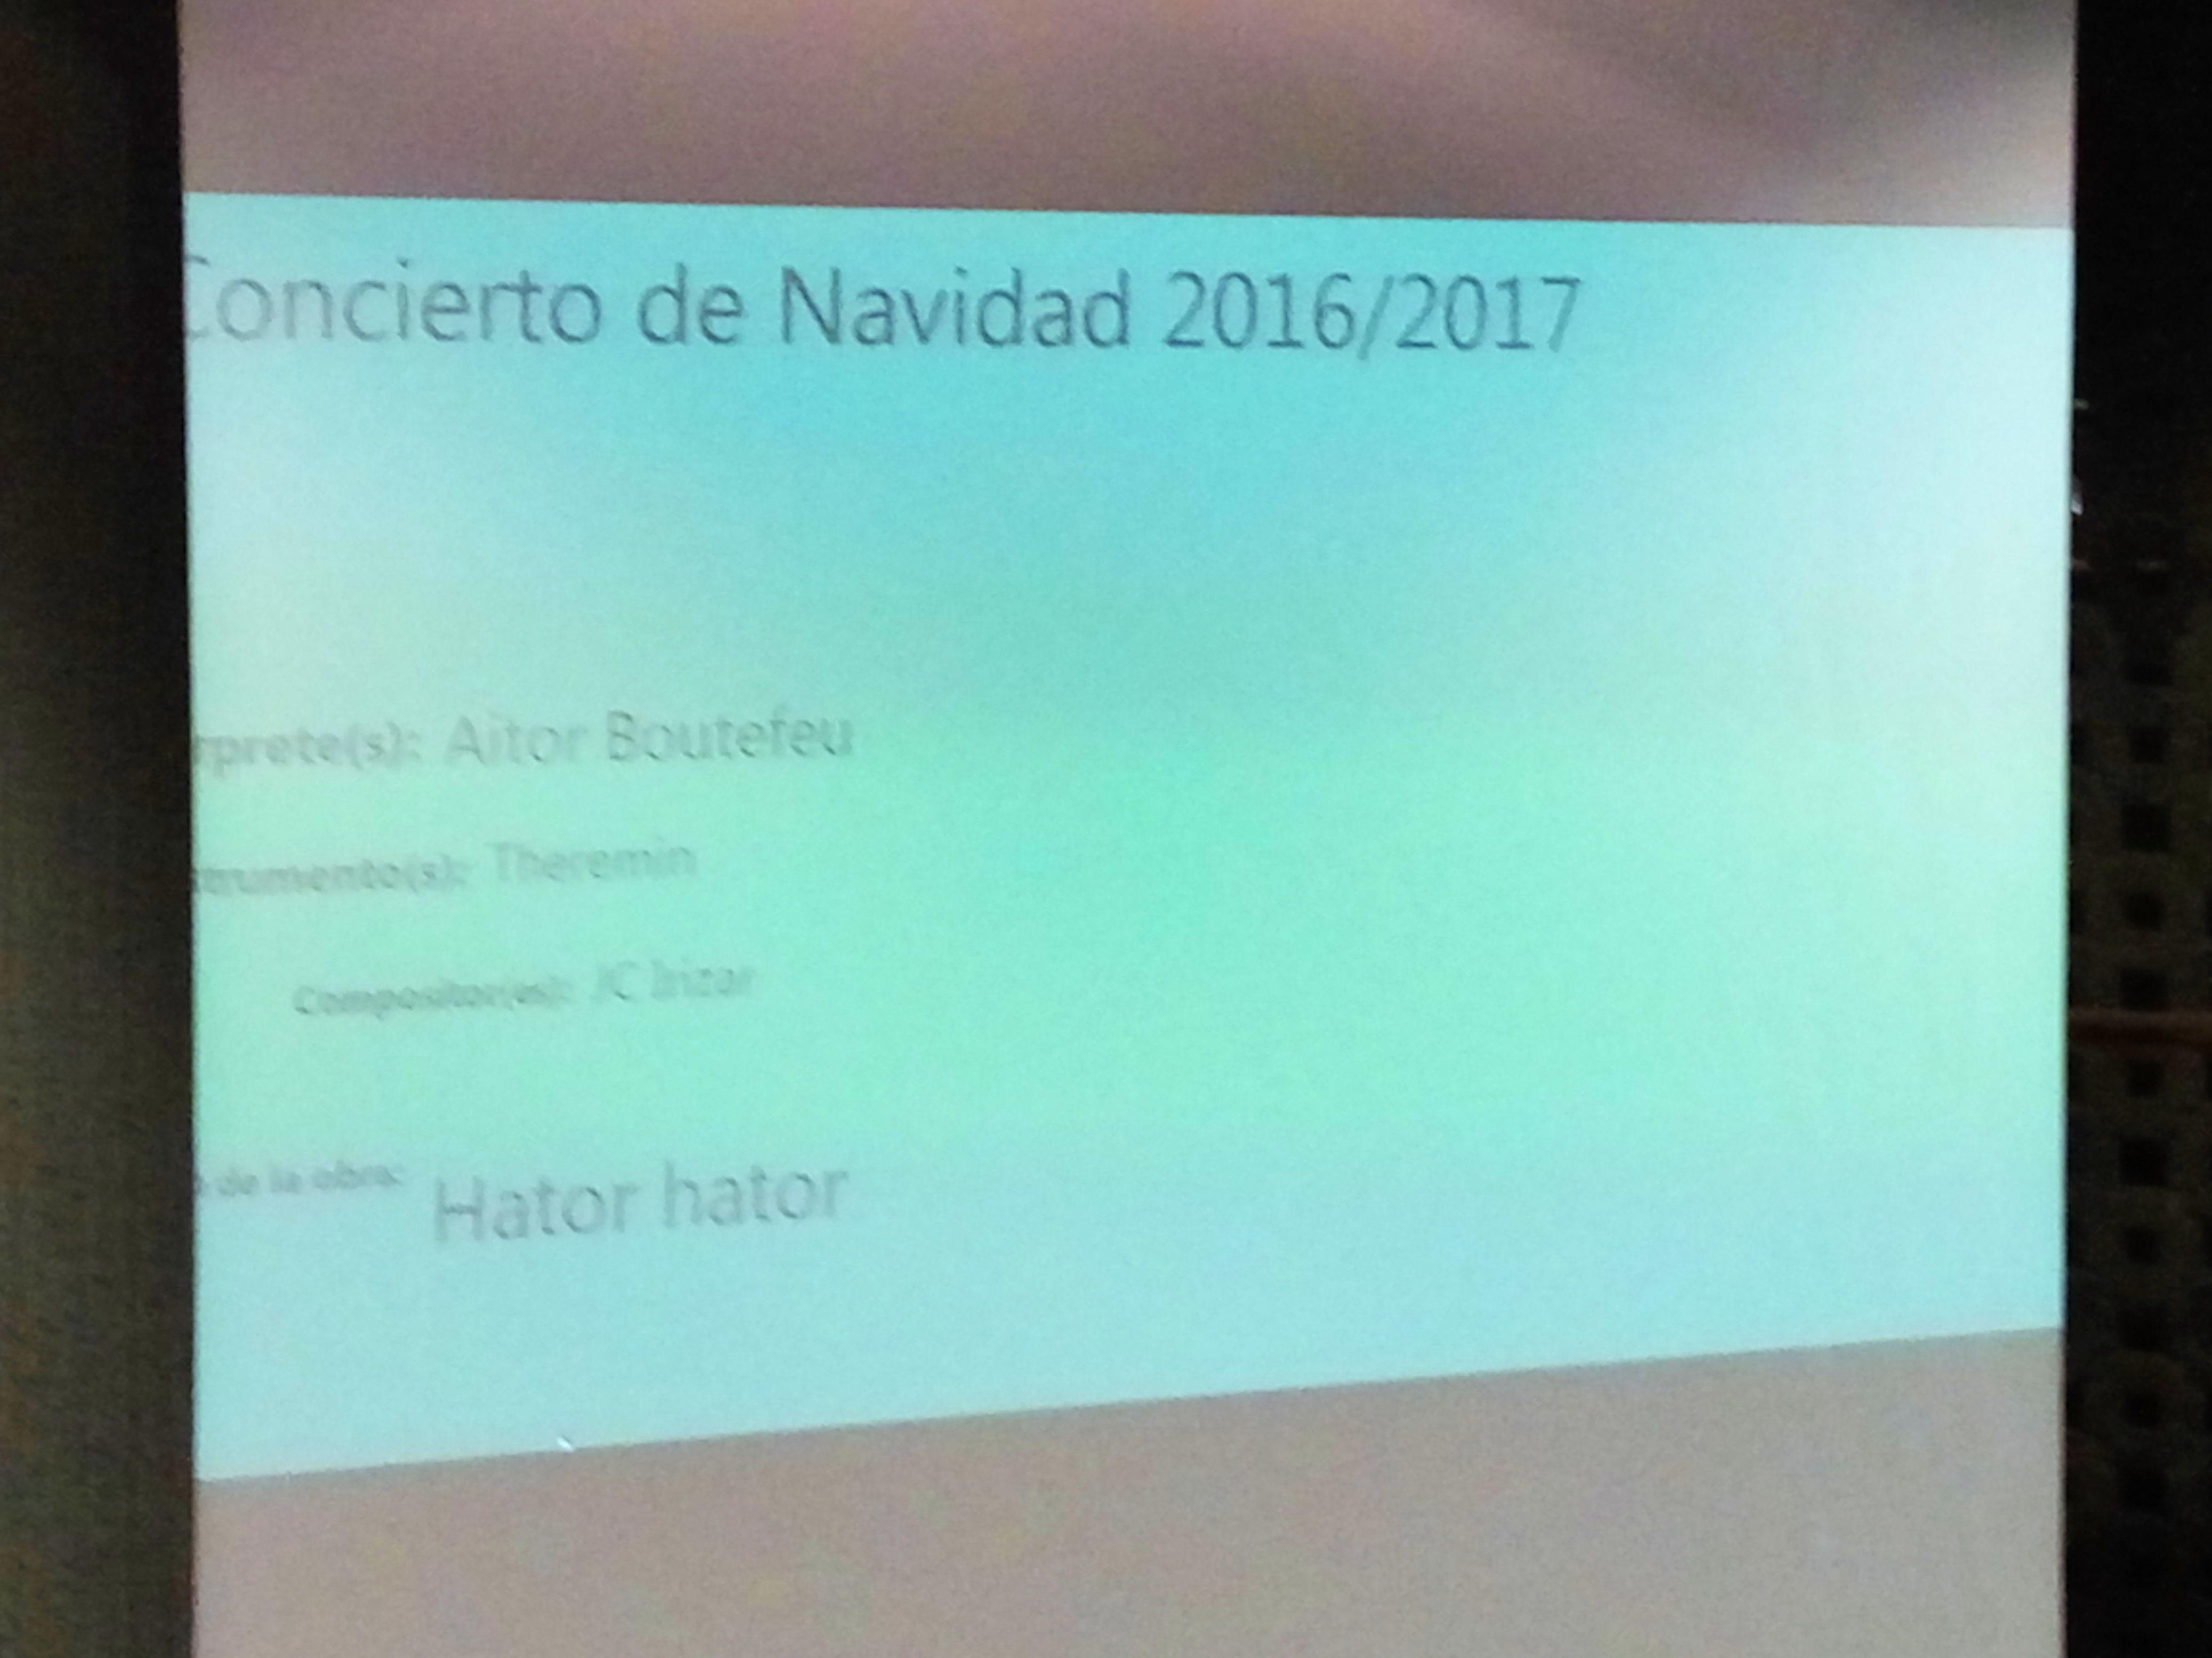 CONCIERTO DE NAVIDAD - GABONETAKO KONTZERTUA